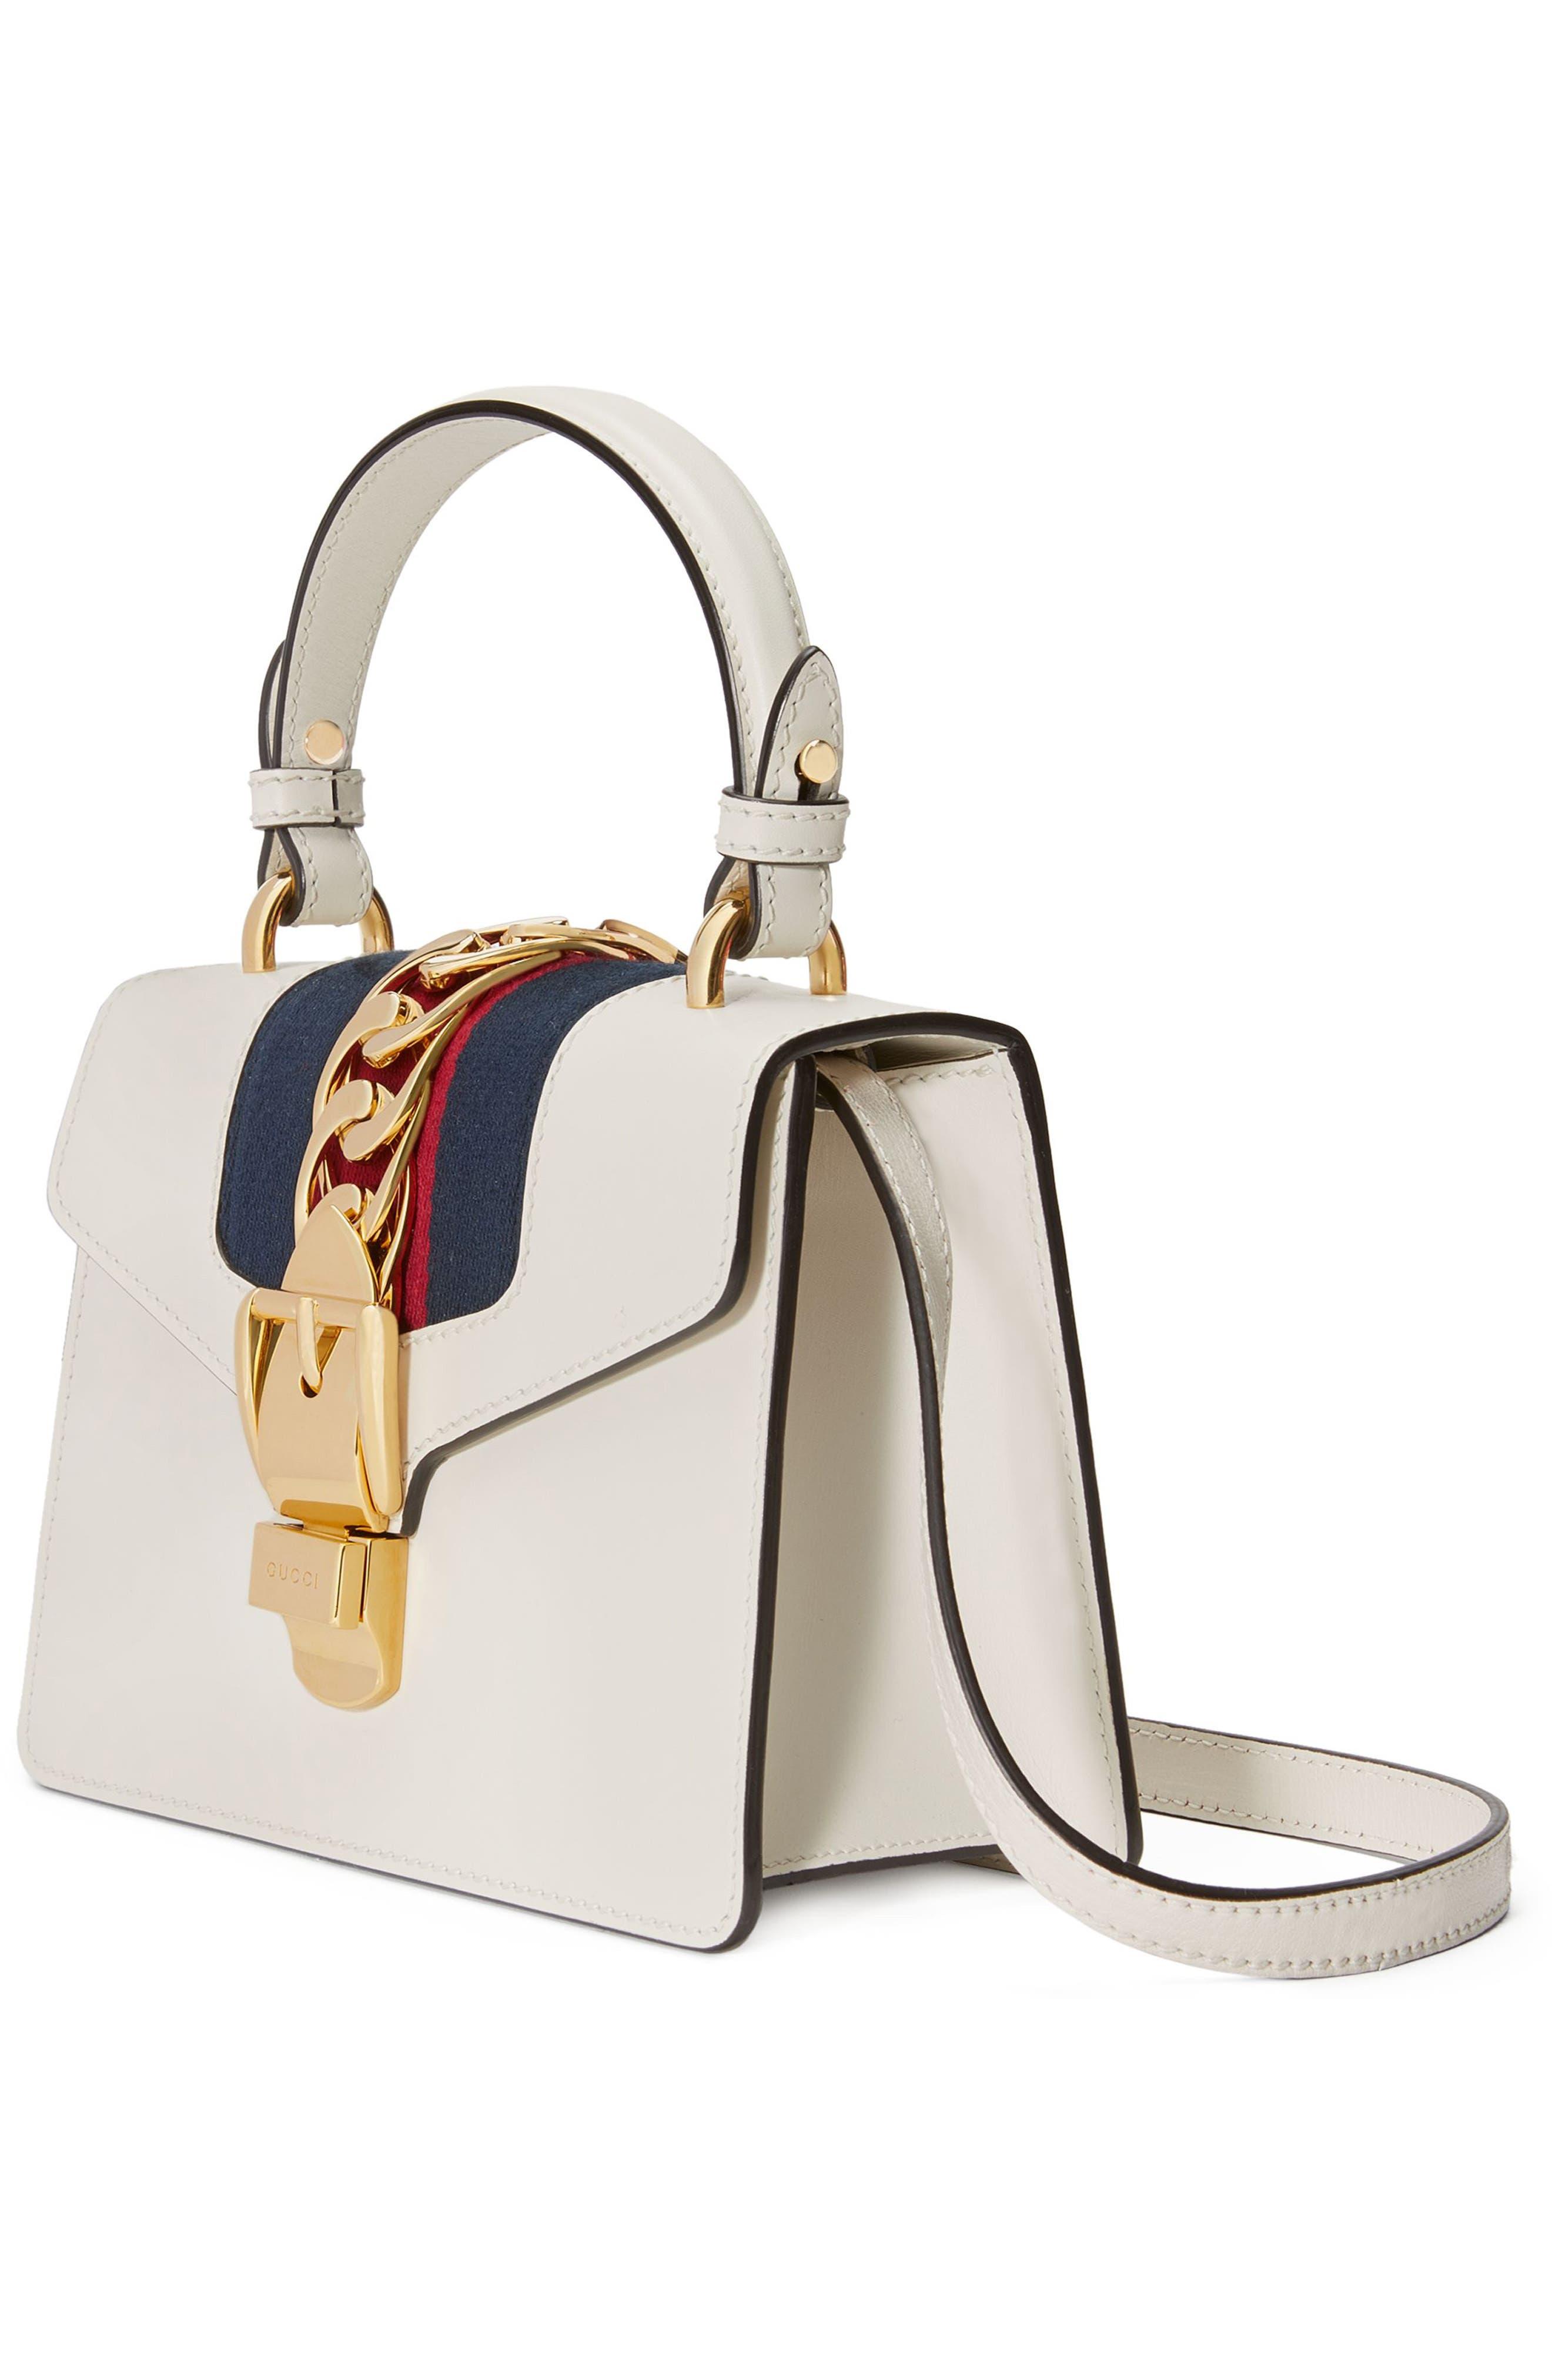 Mini Sylvie Top Handle Leather Shoulder Bag,                             Alternate thumbnail 4, color,                             MYSTIC WHITE